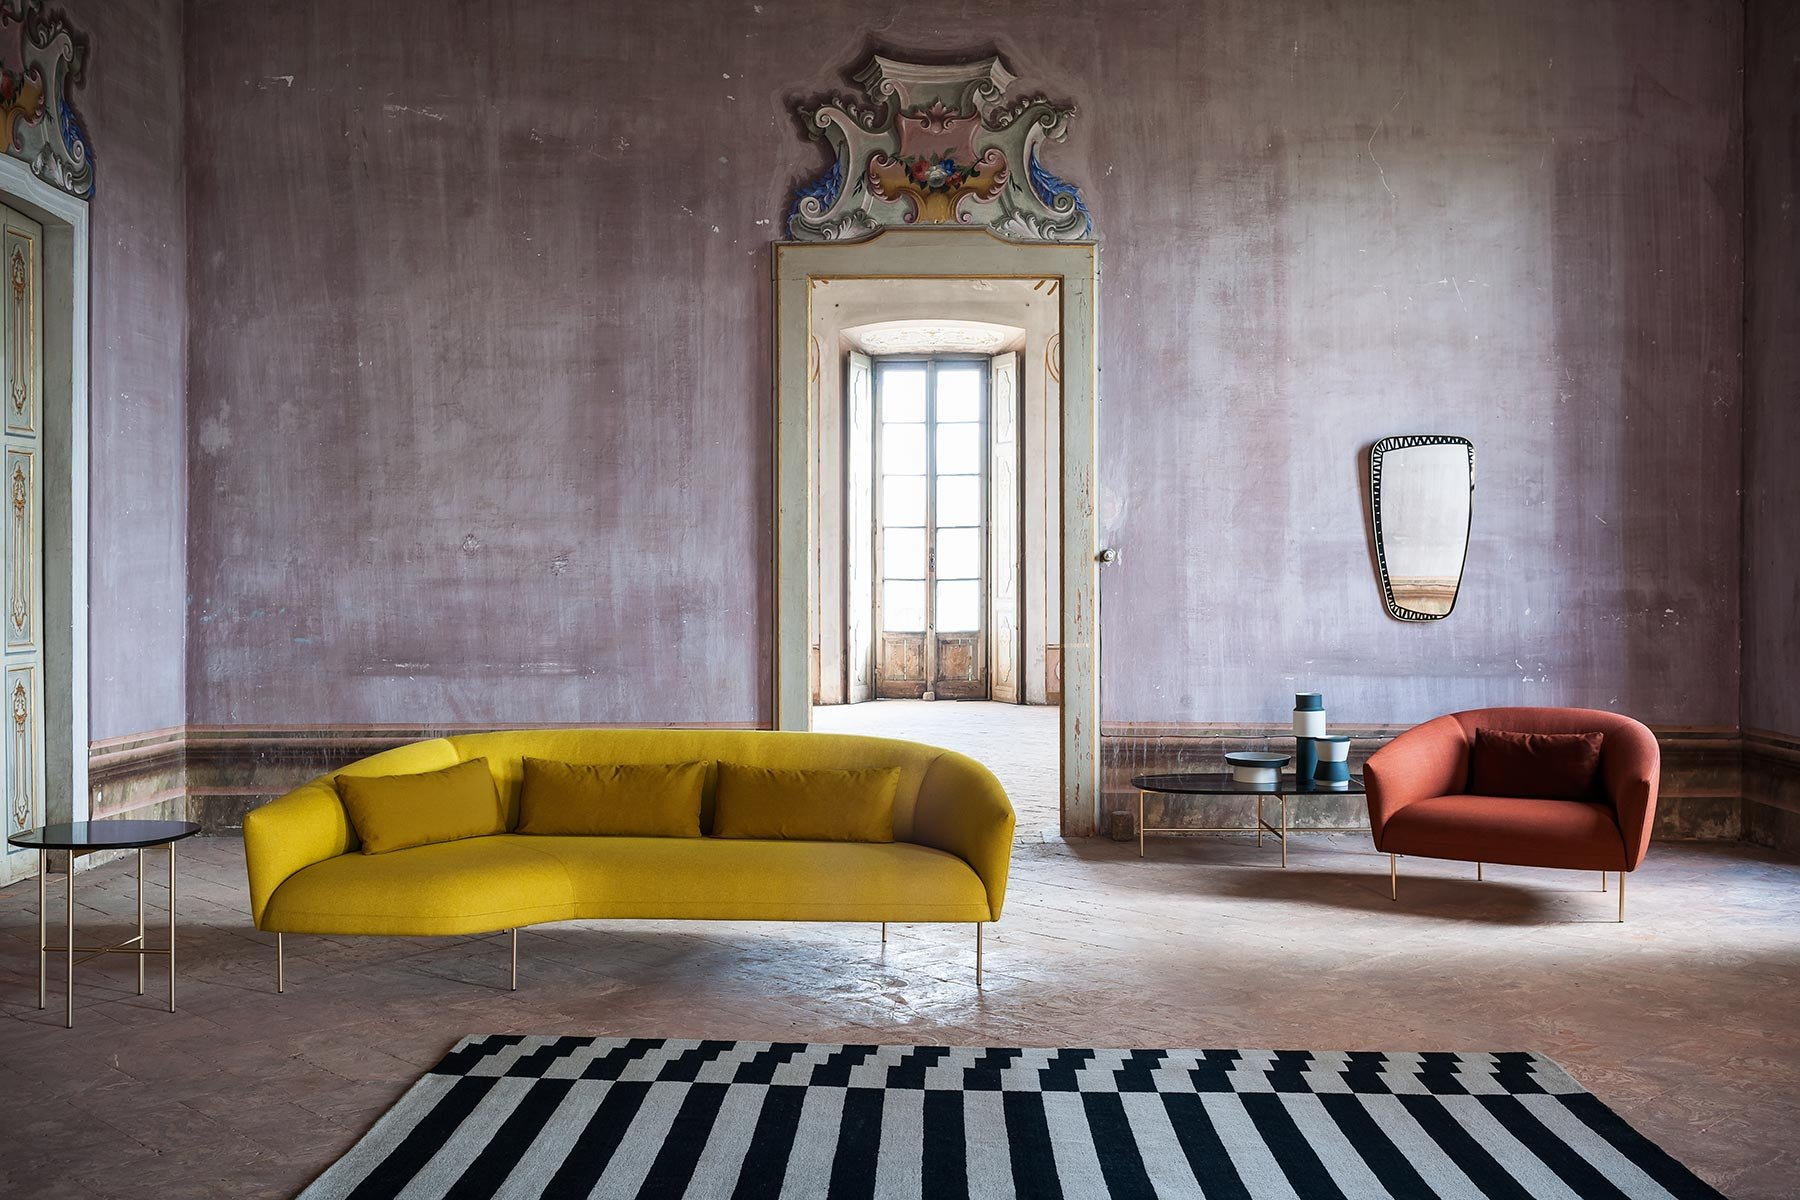 Roma Sofa from Tacchini